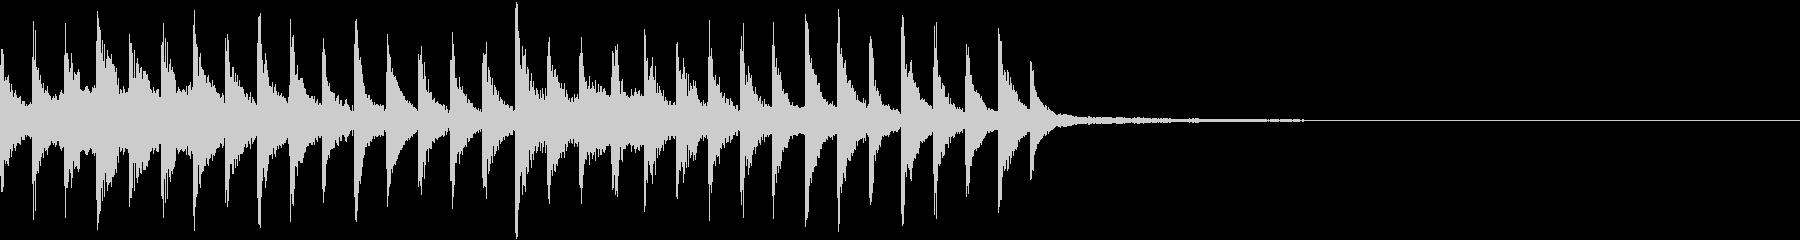 透明感のあるEDMジングル4の未再生の波形